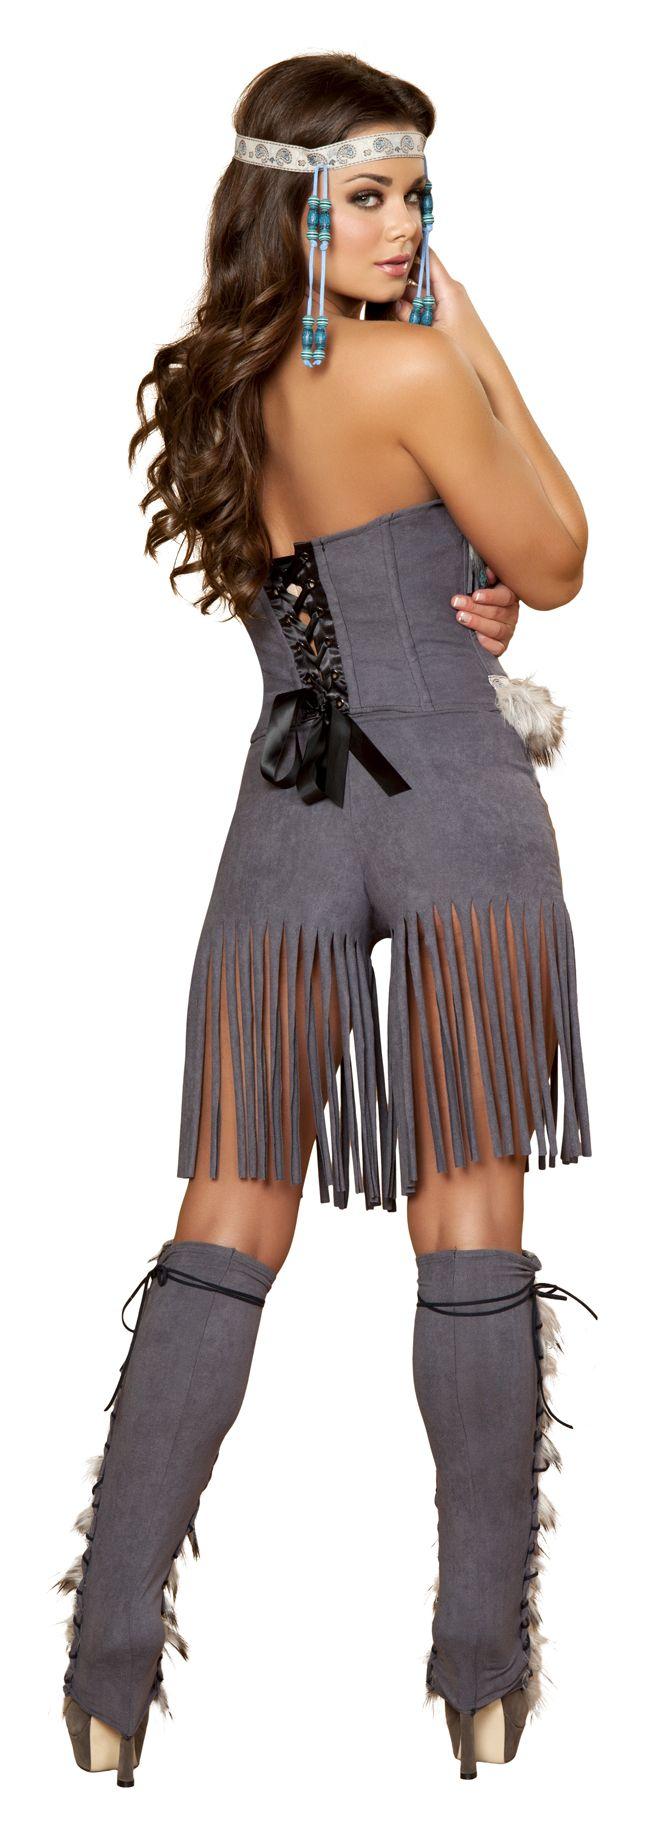 die besten 25 squaw kost m ideen auf pinterest indianer squaw kost m pocahontas kost m und. Black Bedroom Furniture Sets. Home Design Ideas